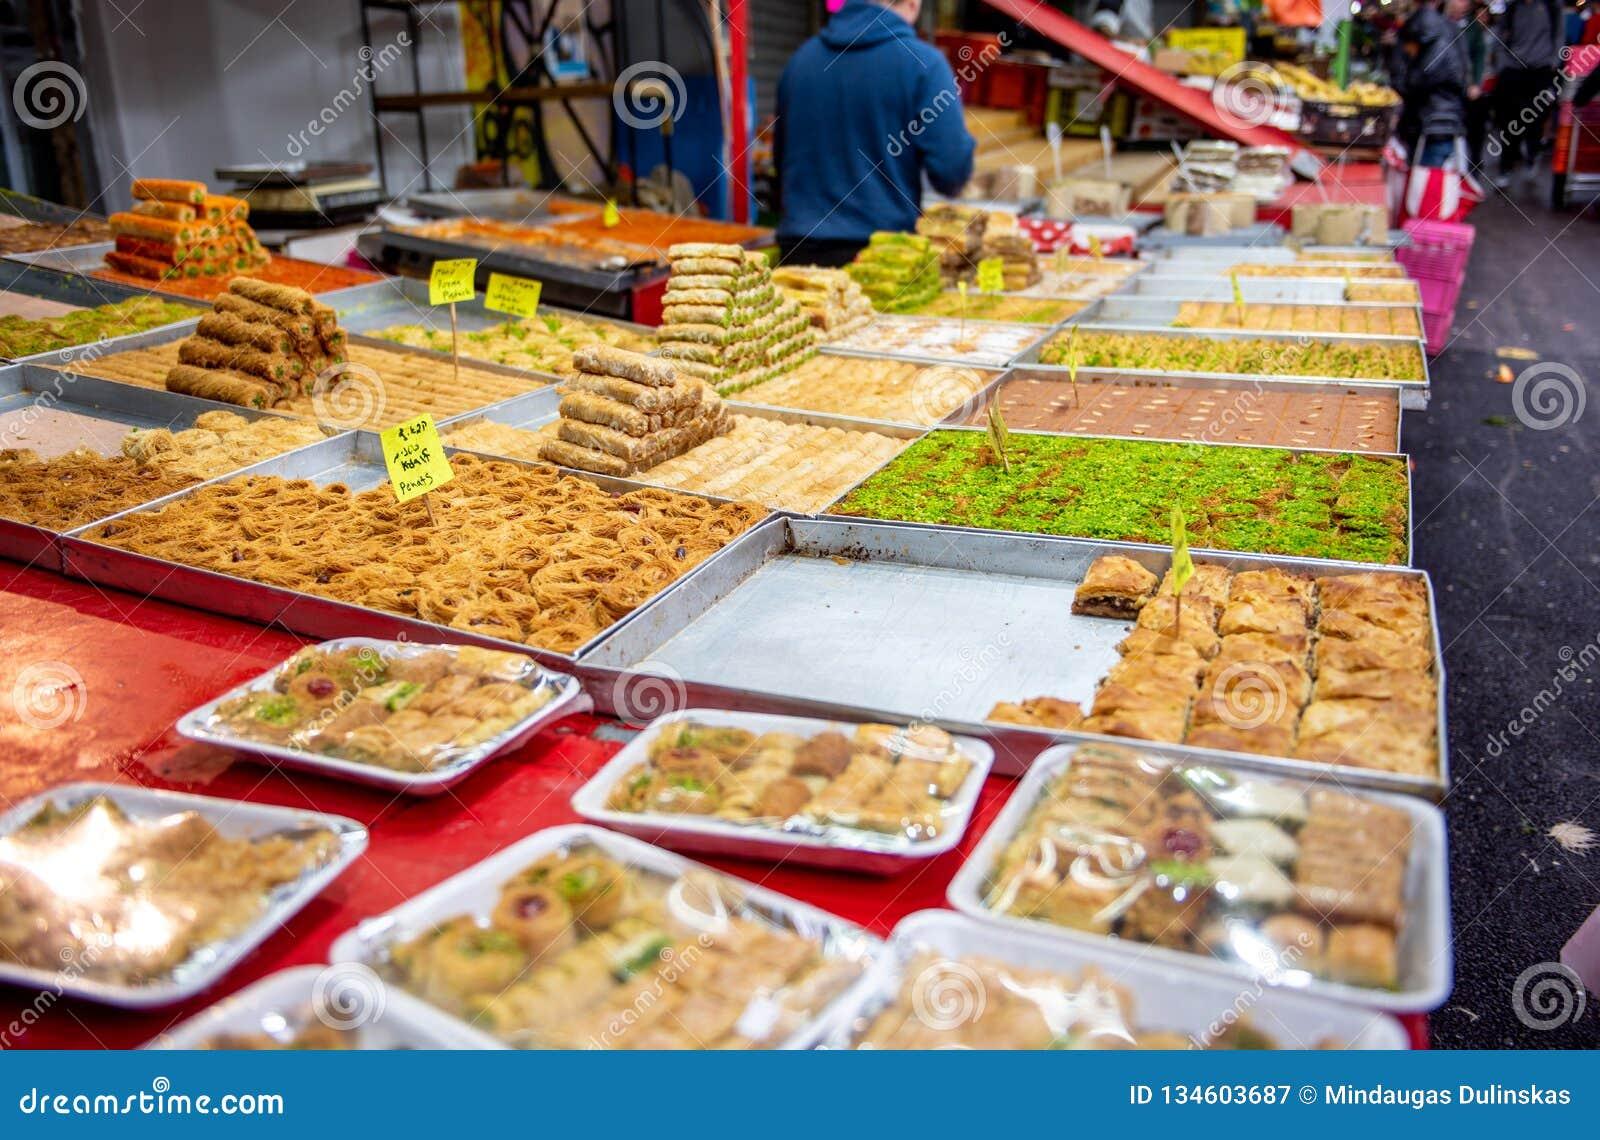 Food in Carmel Market, Tel Aviv, Isreal.